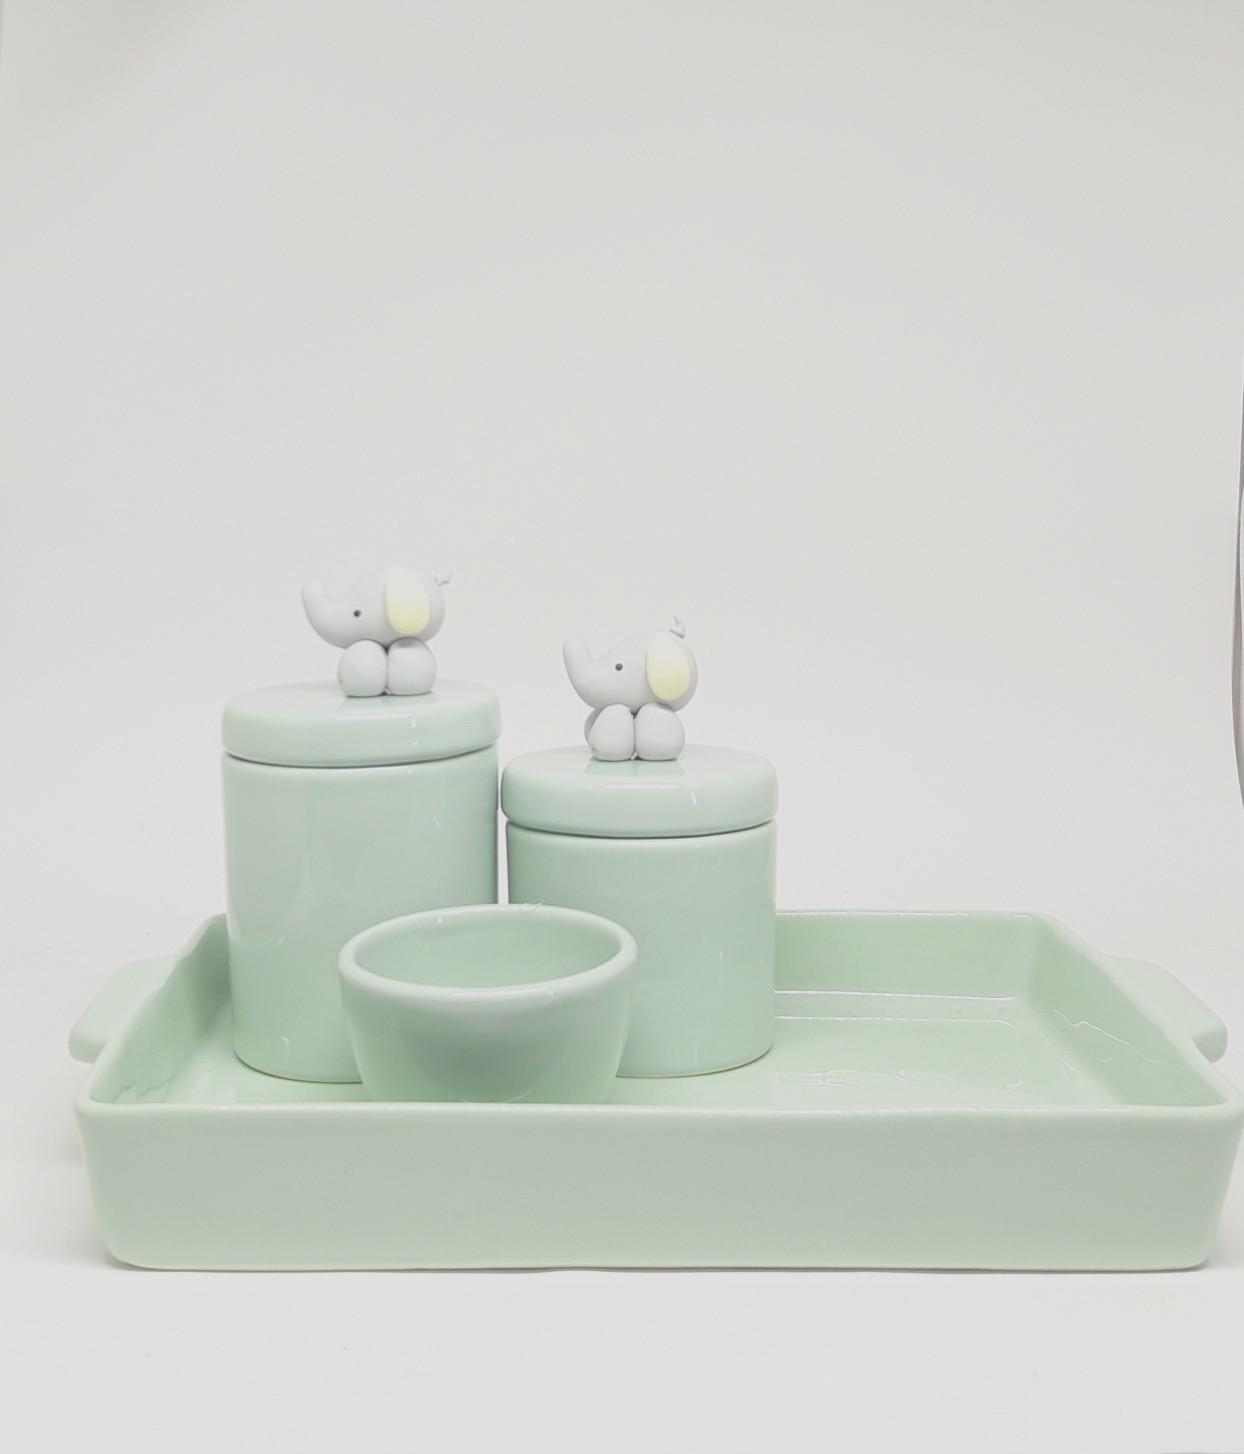 Kit higiene em cerâmica verde bebê com bandeja e elefantinhos em biscuit